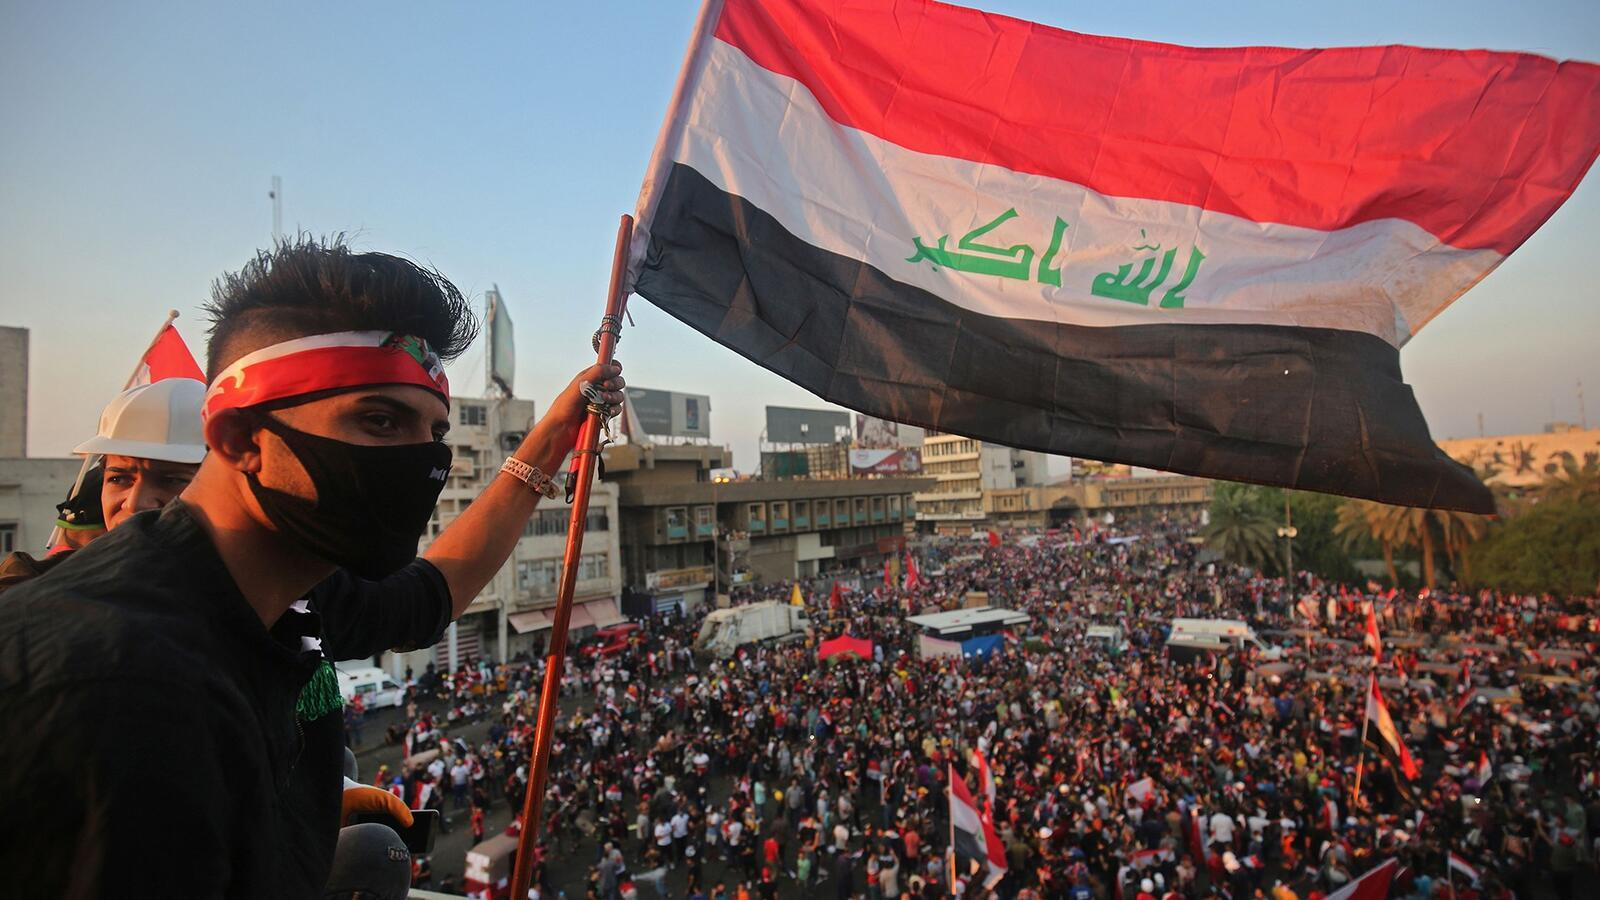 مئات الآلاف من العراقيين يتظاهرون لإسقاط الحكومة